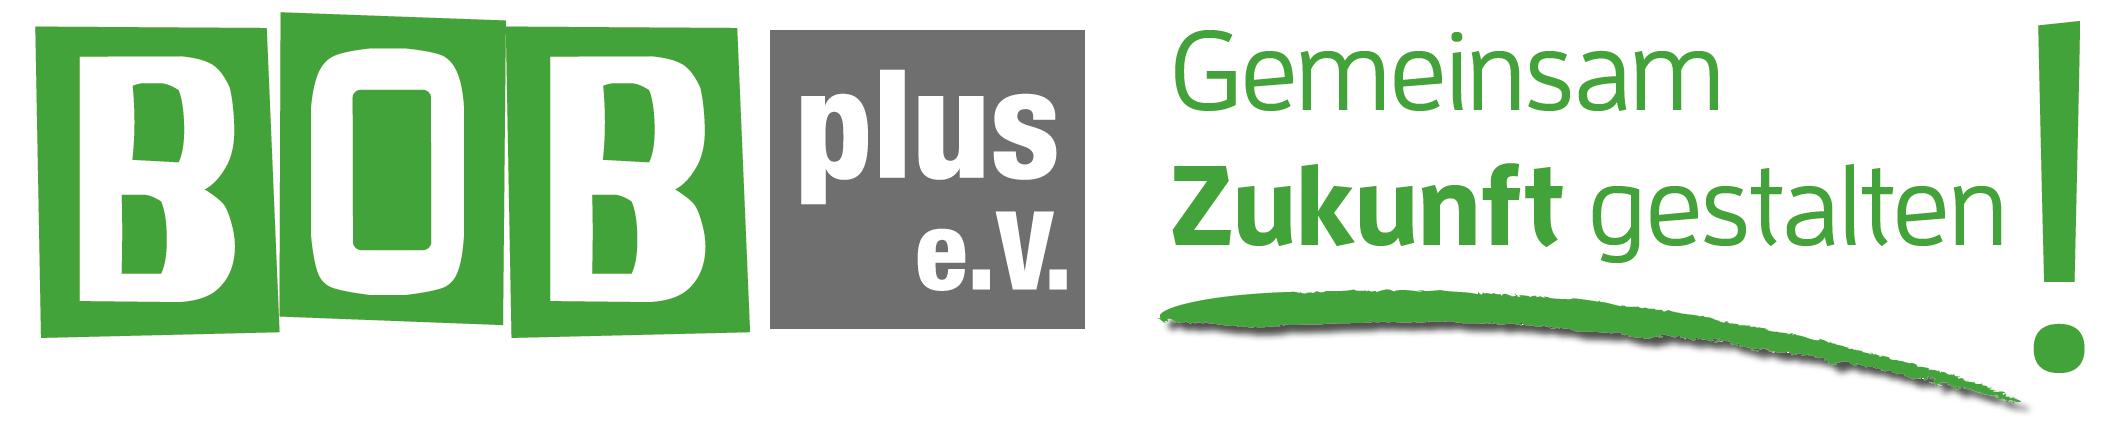 BOBplus e.V. – BerufsOrientierungsBörse Langenfeld und Monheim (Rheinland)